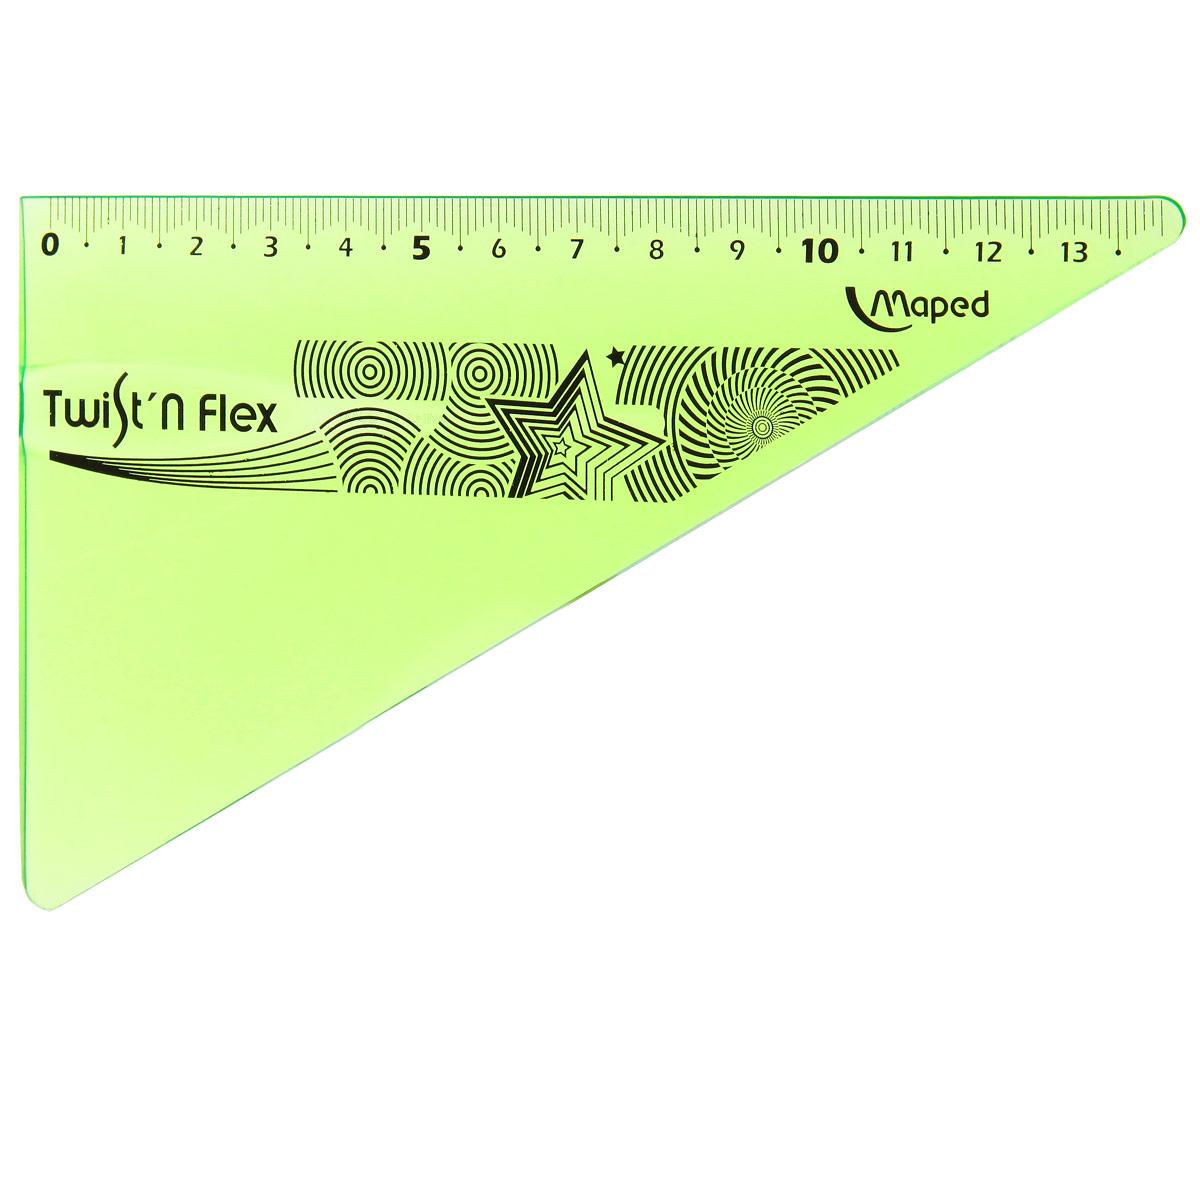 Угольник Maped Twist-n-Flex, неломающийся, 14 см, цвет: салатовый84701ОГибкий неломающийся угольник Maped - это не только необходимый в учебе предмет, но и легкий способ привлечь ребенка к процессу обучения. Выполнен из прозрачного цветного пластика с ровной четкой миллиметровой шкалой делений до 14 см.Характеристики:Длина: 14 см.Угол: 60 градусов.